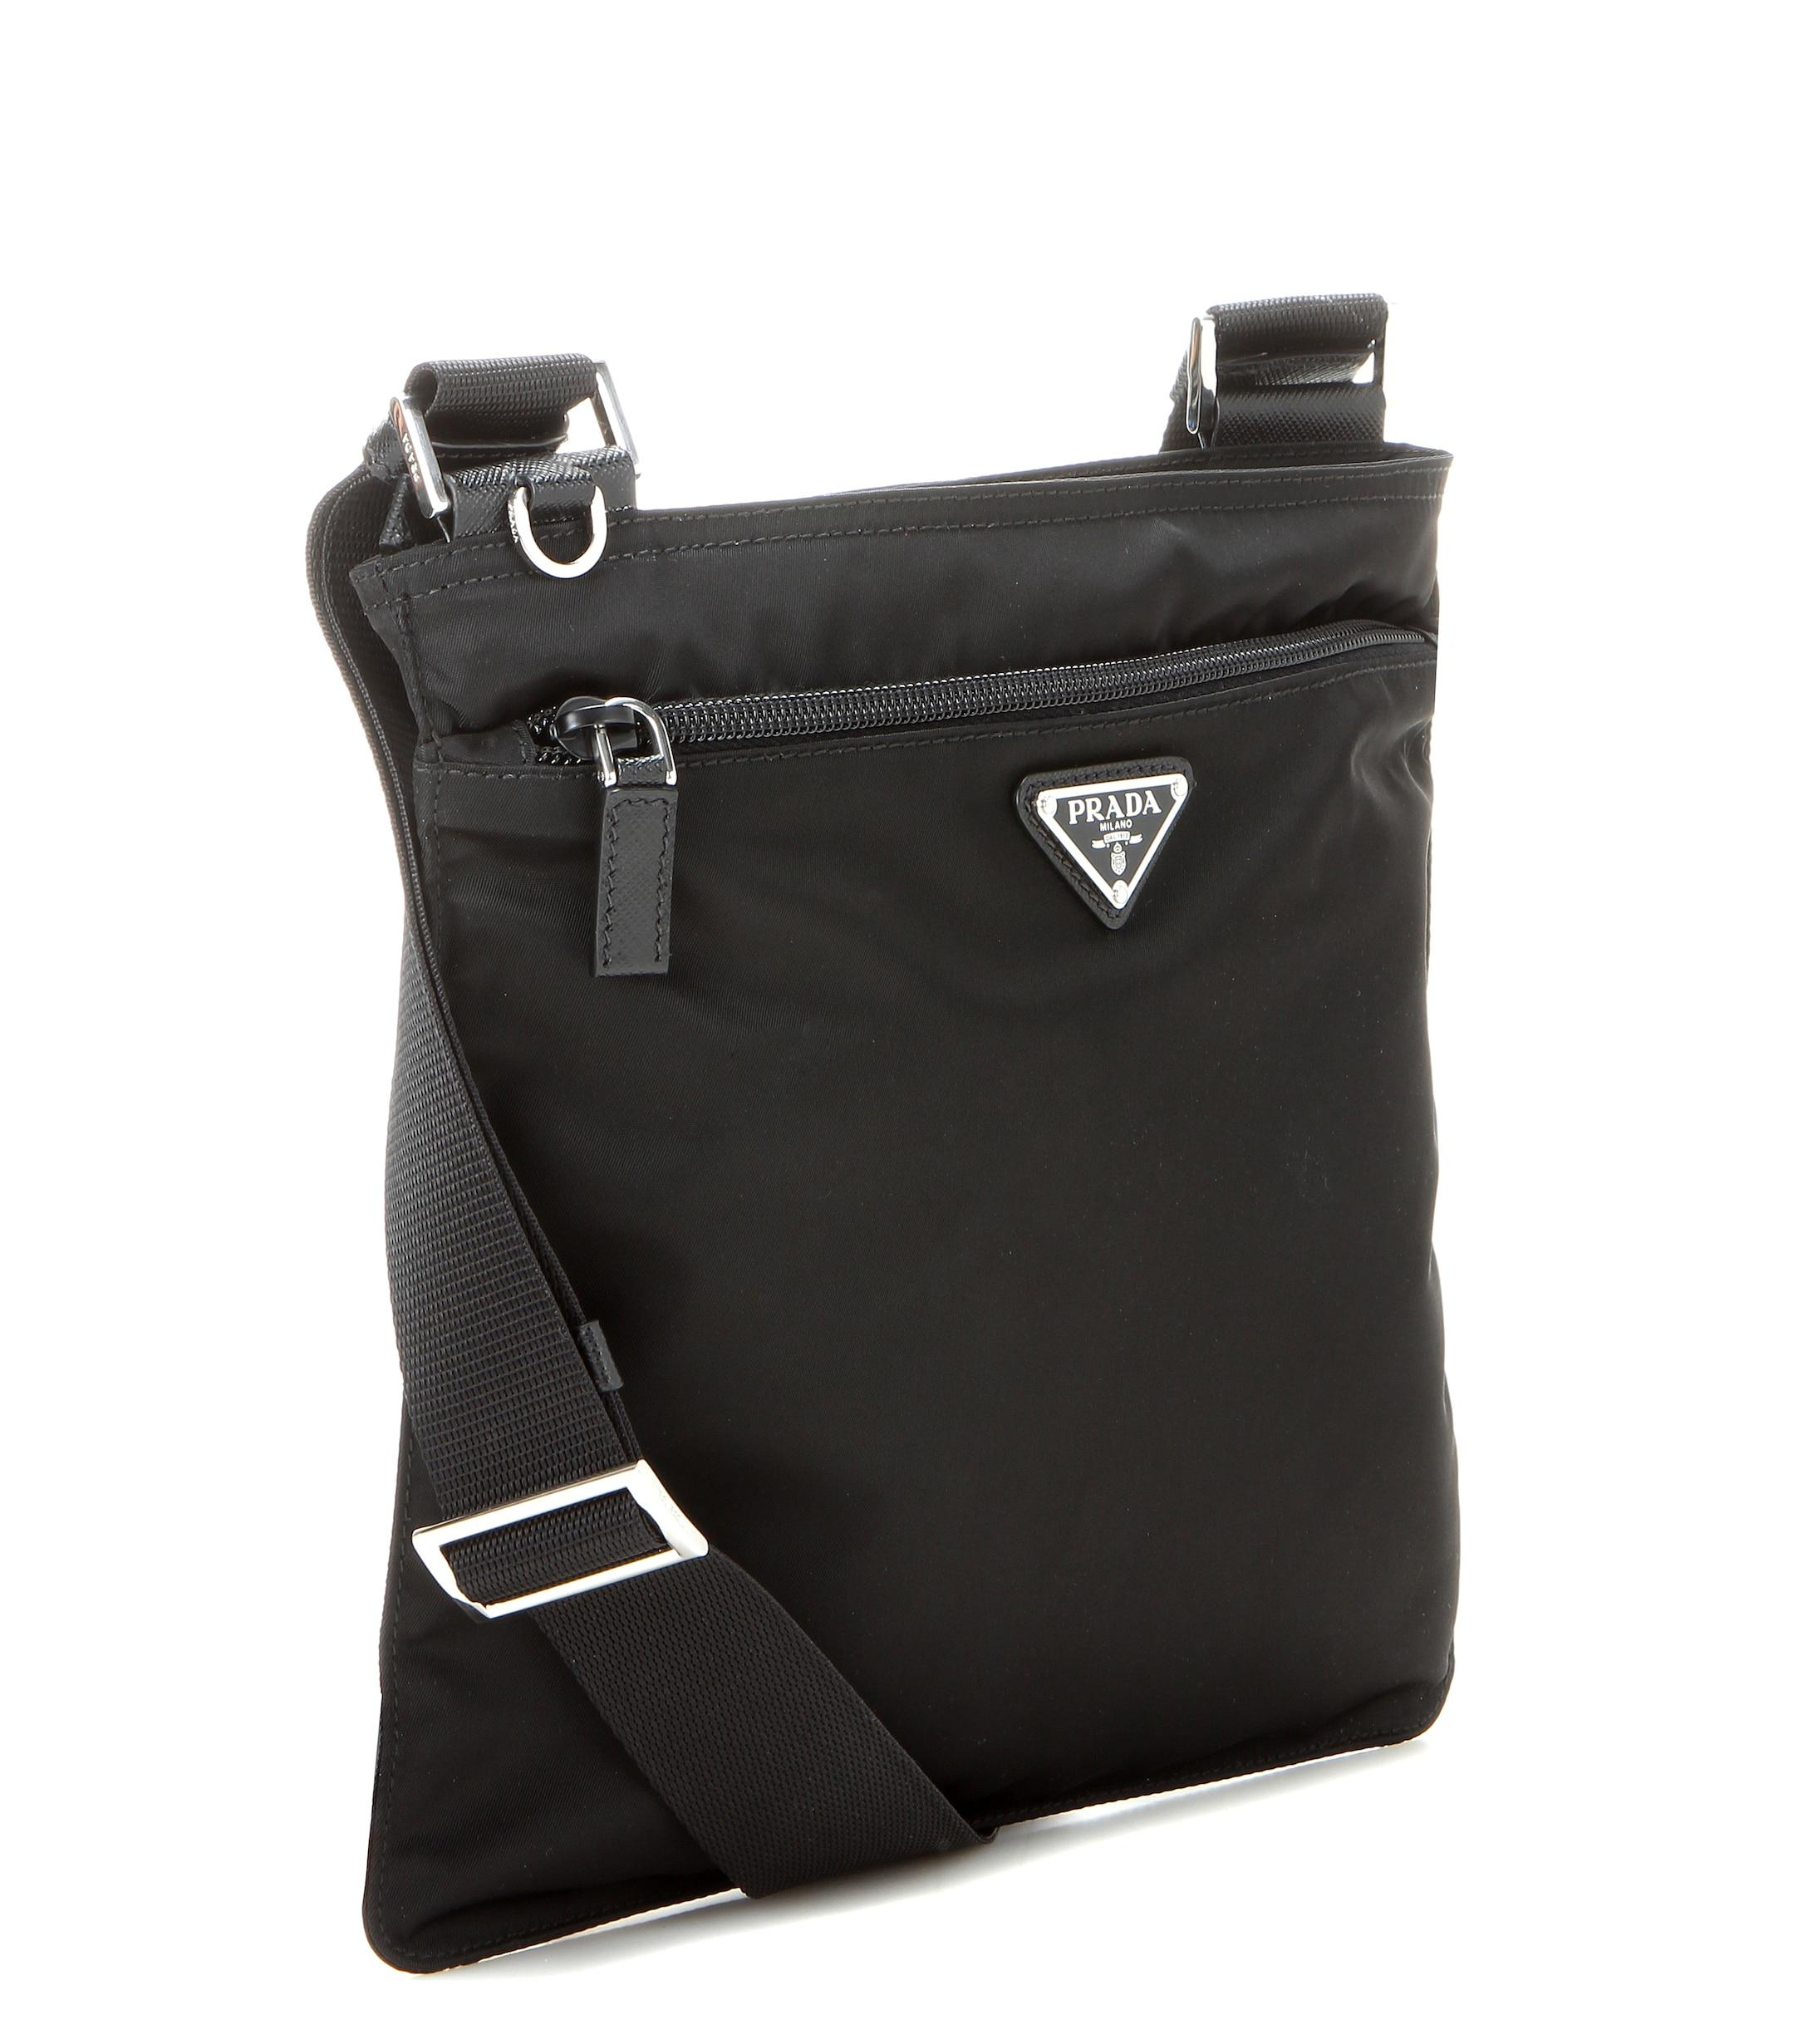 Lyst - Prada Twill Crossbody Bag in Black ad86b6aa547bf